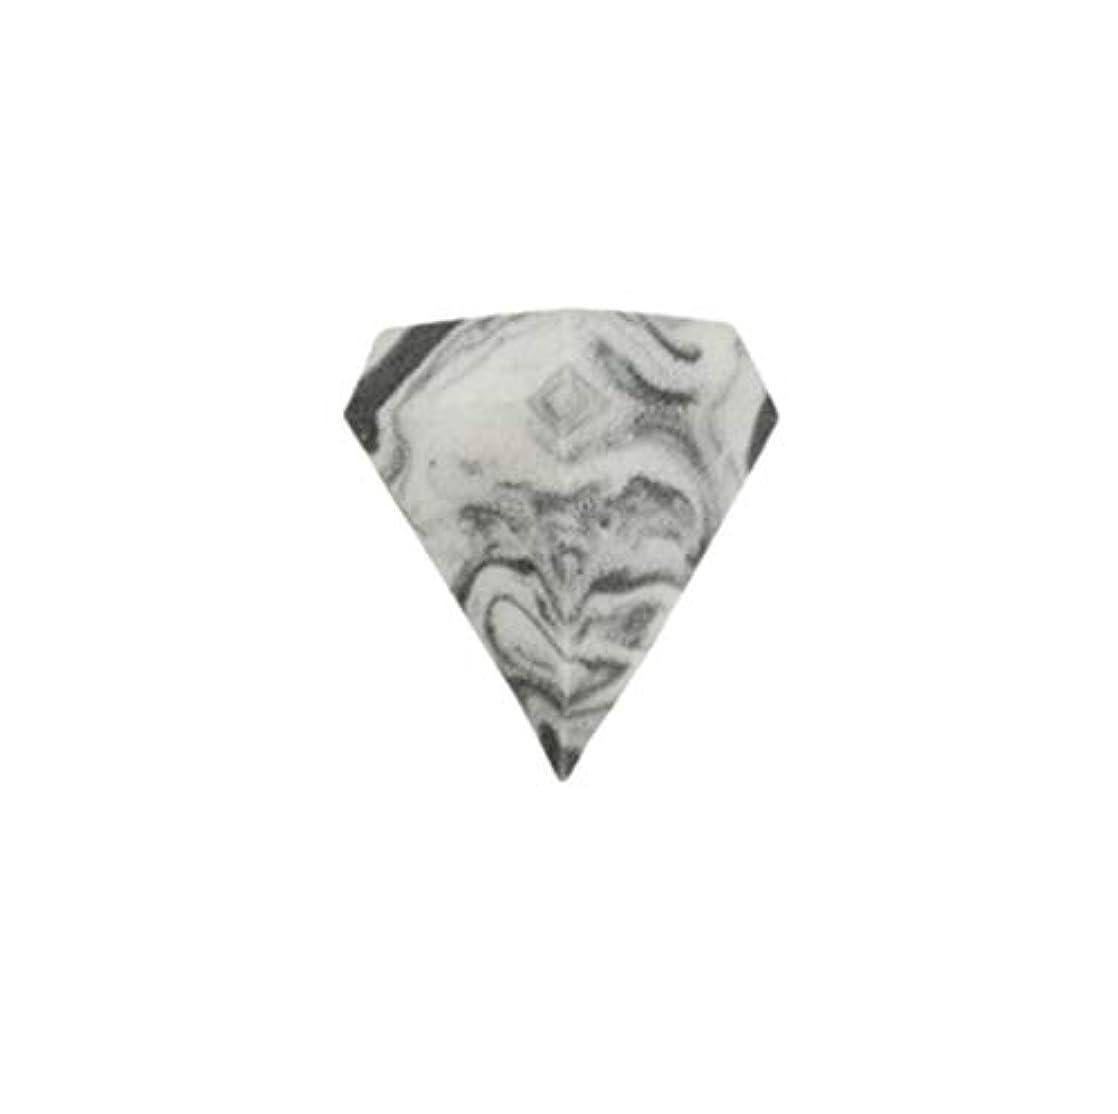 世代解明するハミングバード美のスポンジ、柔らかいダイヤモンド形の構造の混合物の基礎スポンジ